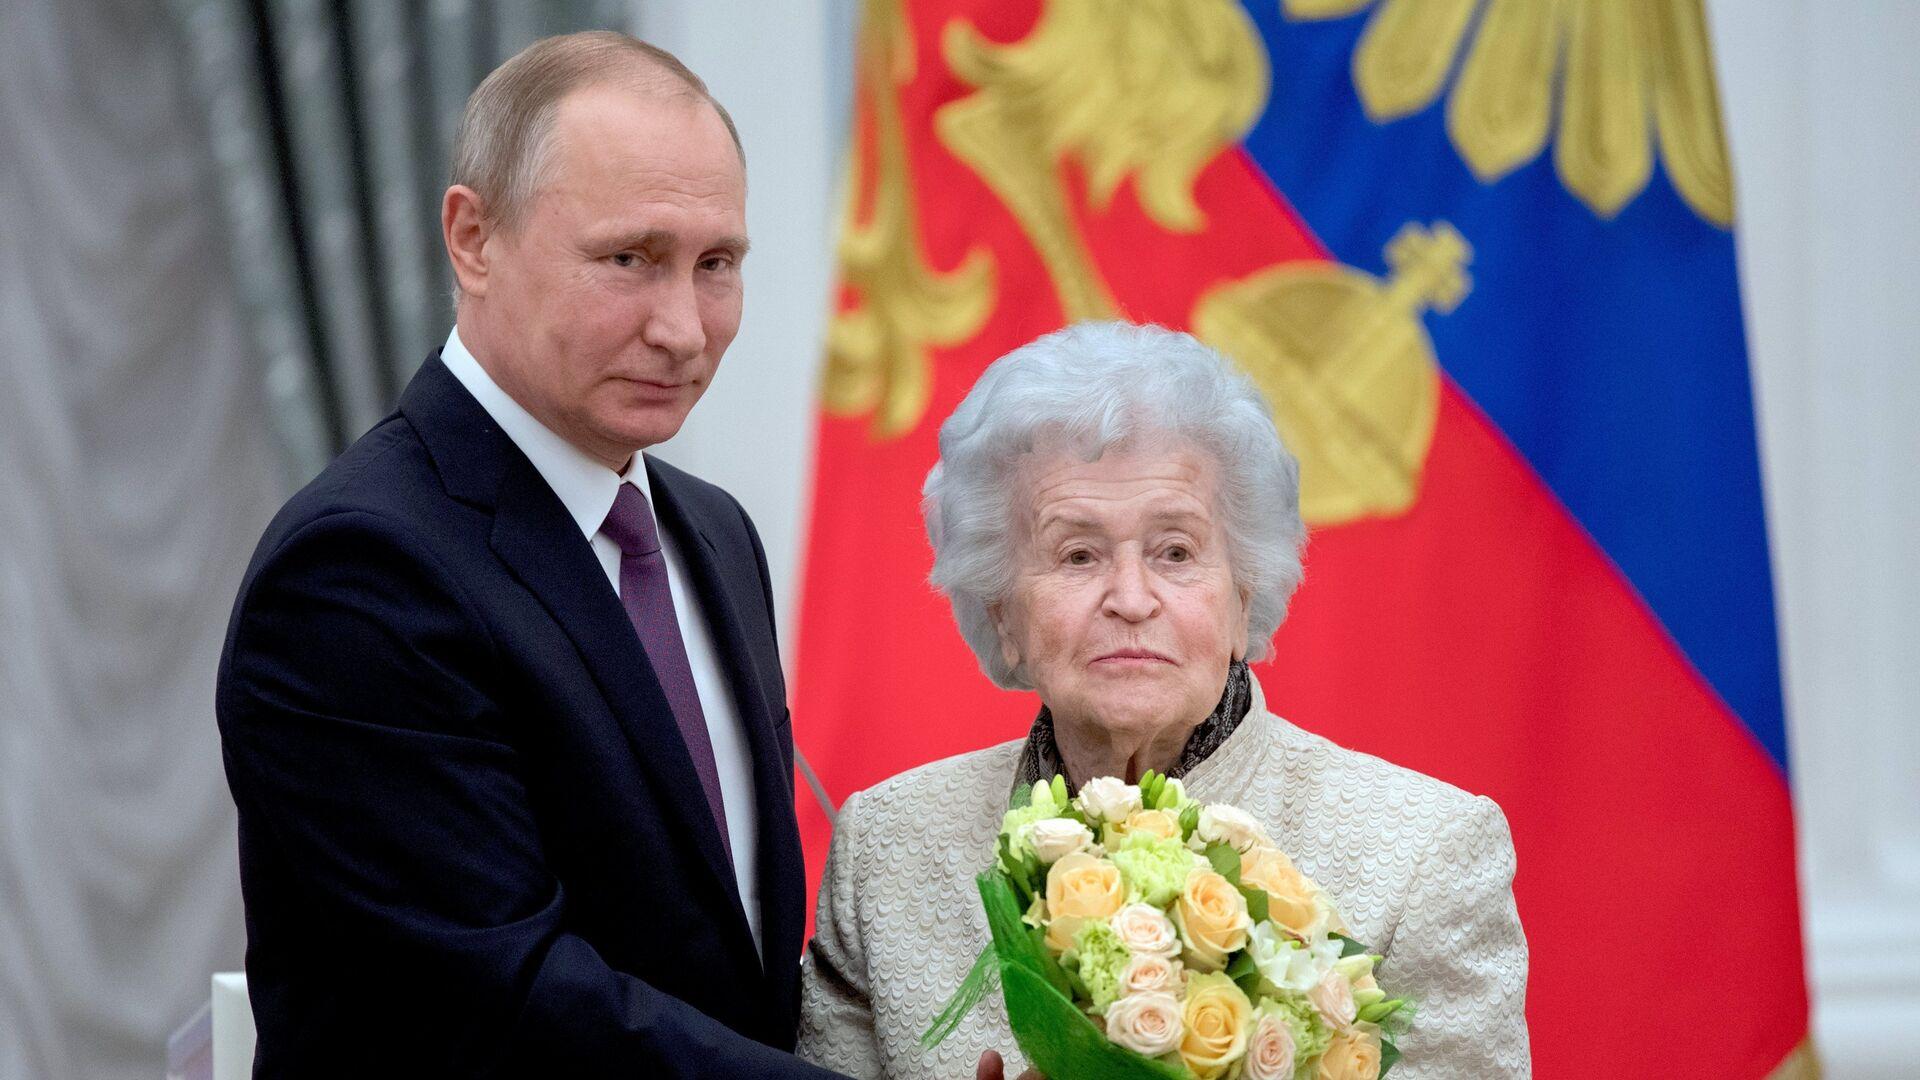 1495017108 0:13:2908:1649 1920x0 80 0 0 34095d12643716ac901abead13ccaa28 - Путин назвал Ирину Антонову великим подвижником и просветителем